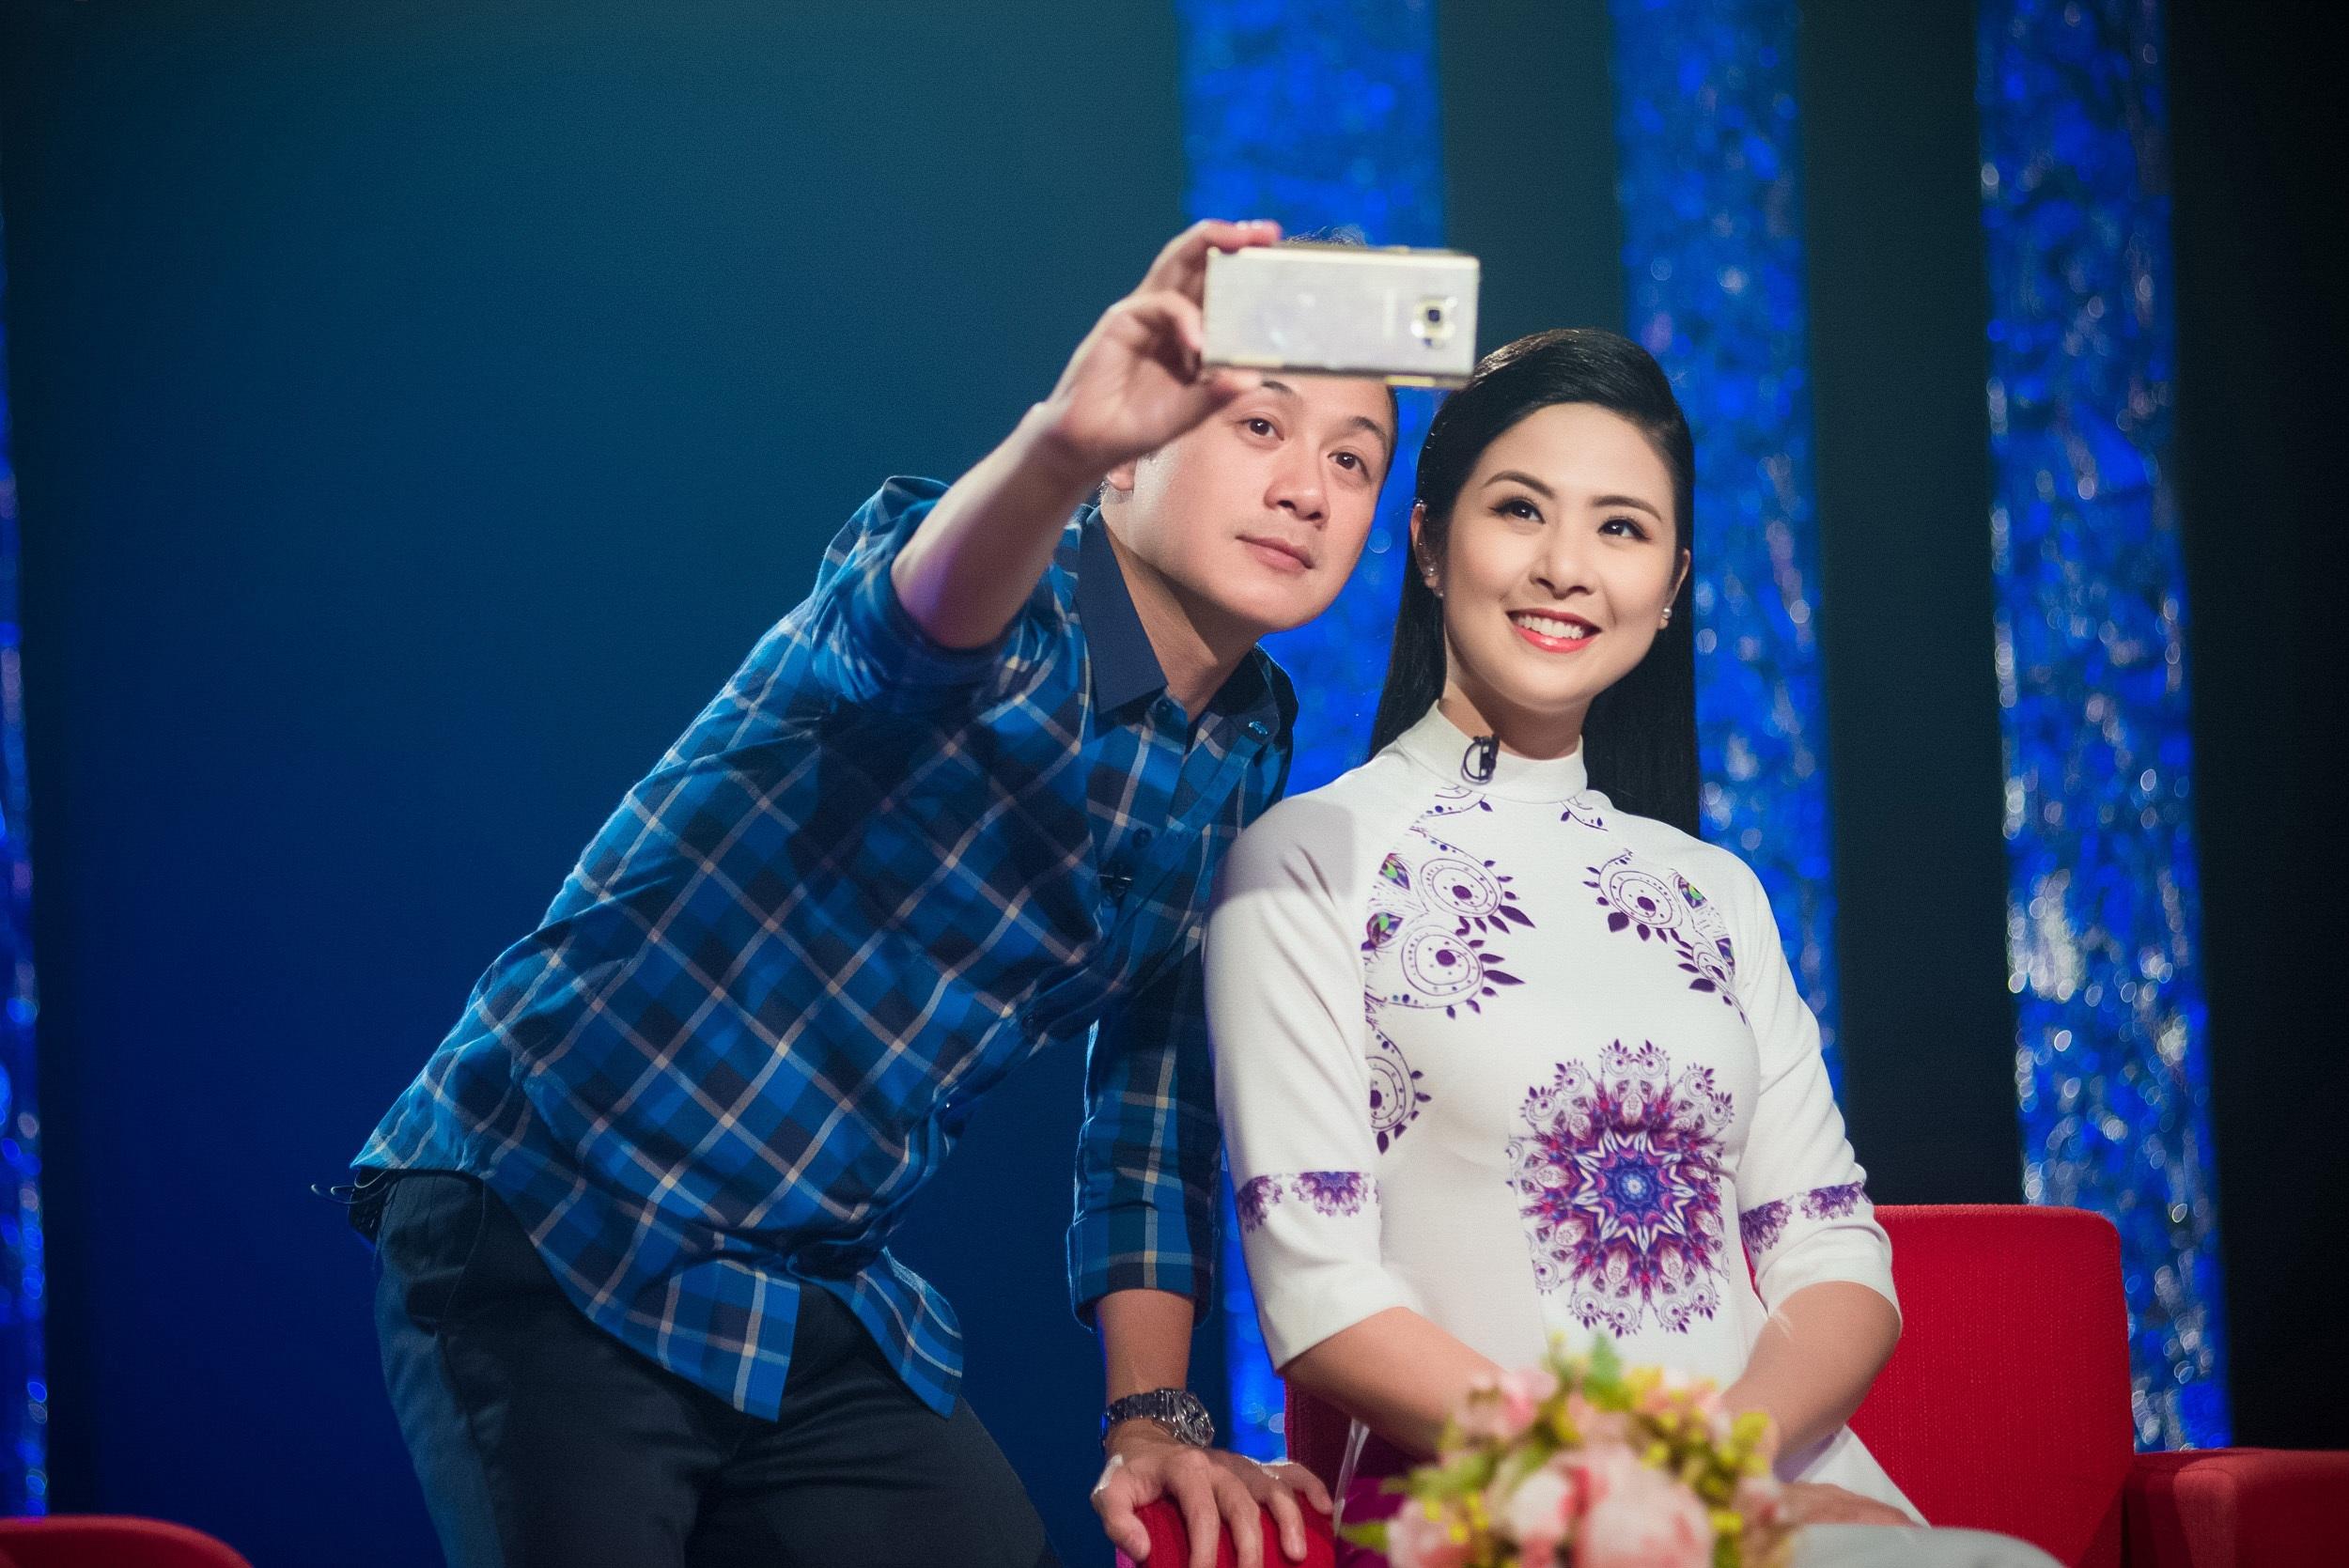 Thời điểm đó, cô và những người bạn như Hoa hậu Mai Phương Thúy, siêu mẫu Thúy Hương, Top 10 Hoa hậu Việt Nam 2010 Phước Hạnh và Thu Hà... đều mê mẩn giai điệu và lời ca của bài hát. Họ cùng hoạt động trong một công ty người mẫu ở Hà Nội.